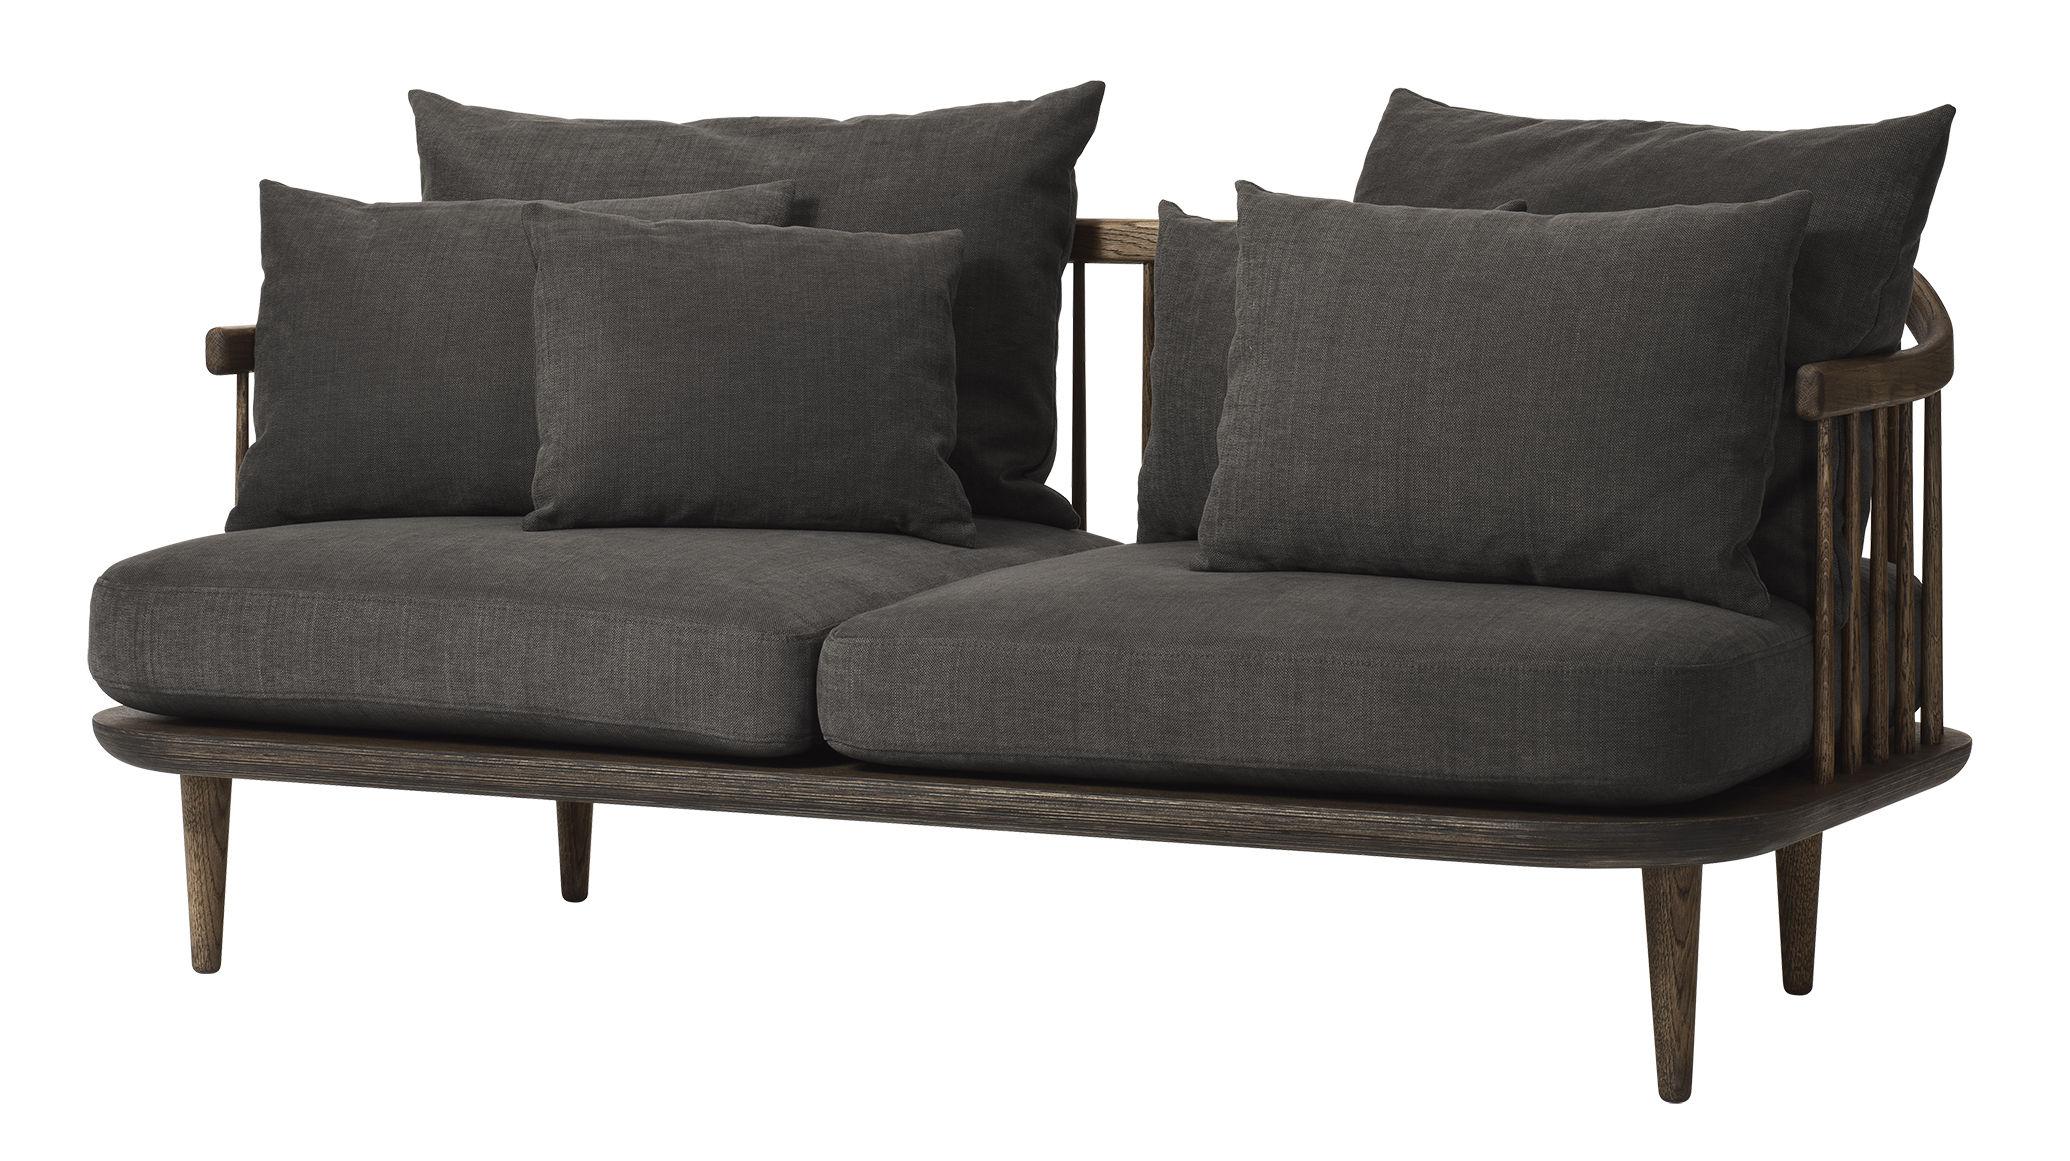 canap droit fly 2 places l 162 cm bois fonc coussins gris fonc and tradition. Black Bedroom Furniture Sets. Home Design Ideas